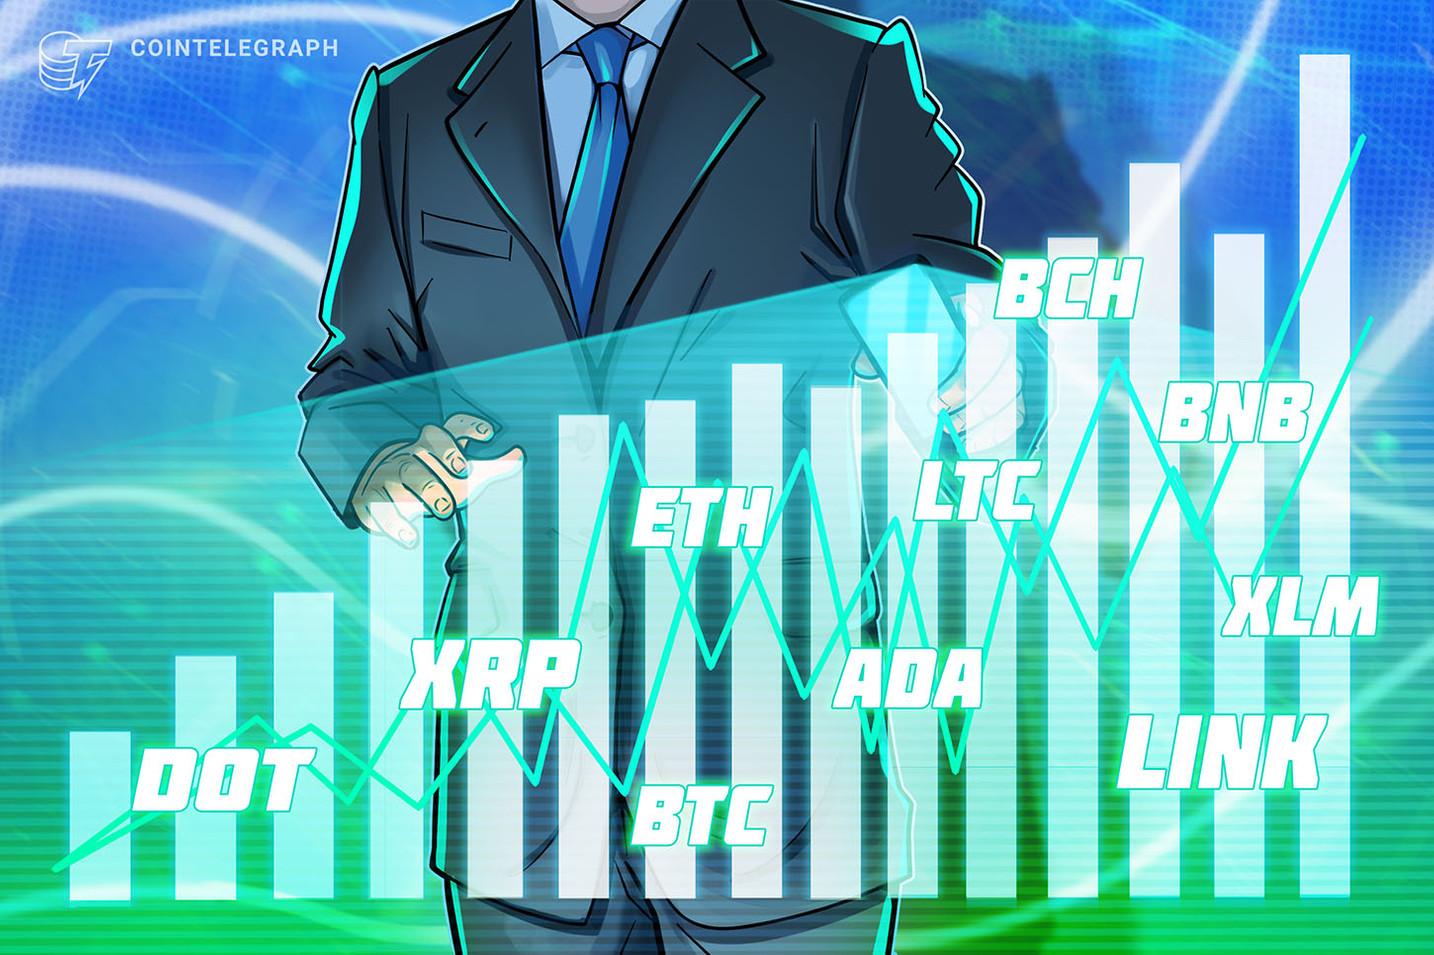 价格分析1/22:BTC、ETH、DOT、XRP、ADA、LTC、LINK、BCH、BNB、XLM